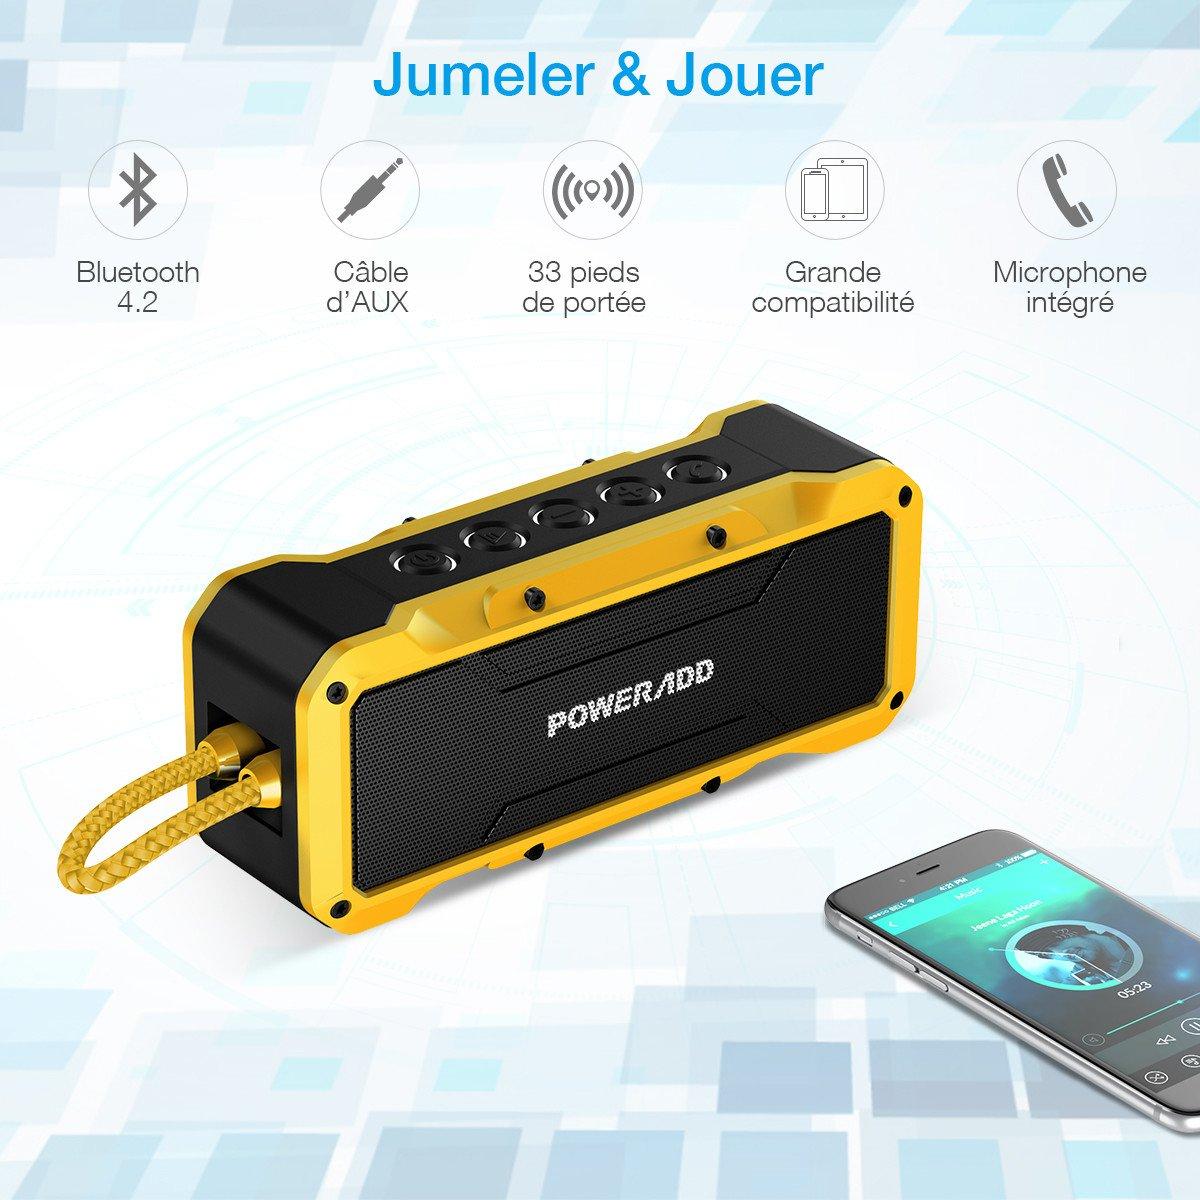 POWERADD Enceinte Bluetooth Etanche Haut Parleur Portable Basse Perfomante Niveau Imperméable IPX7 Connexion Sans Fil et Câble AUX avec Fonction Main Libre, Compatiblité Universelle...